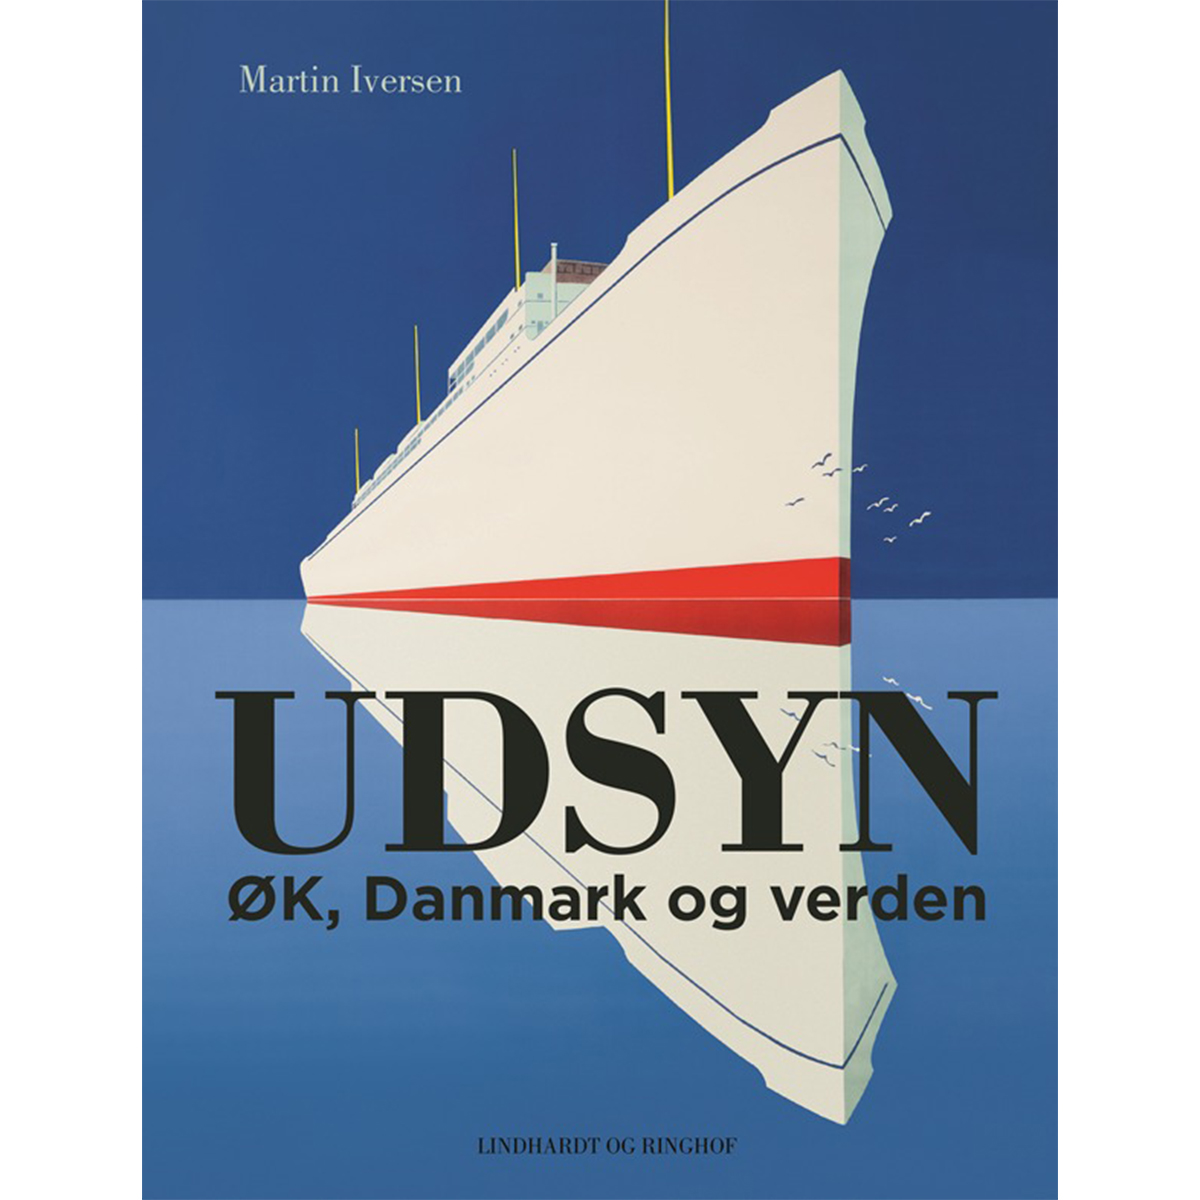 Billede af Udsyn - ØK, Danmark og verden - Indbundet